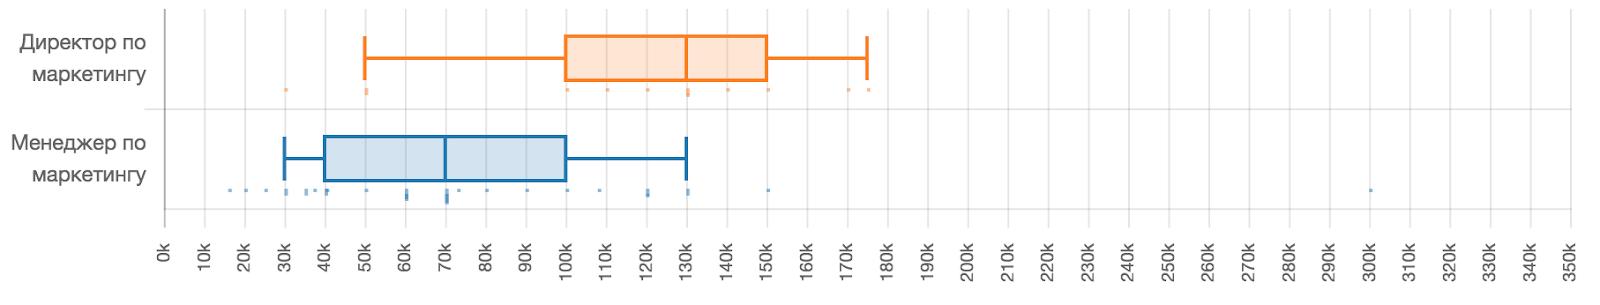 Зарплаты в ИТ в первом полугодии 2019 года: по данным калькулятора зарплат «Моего круга» - 12